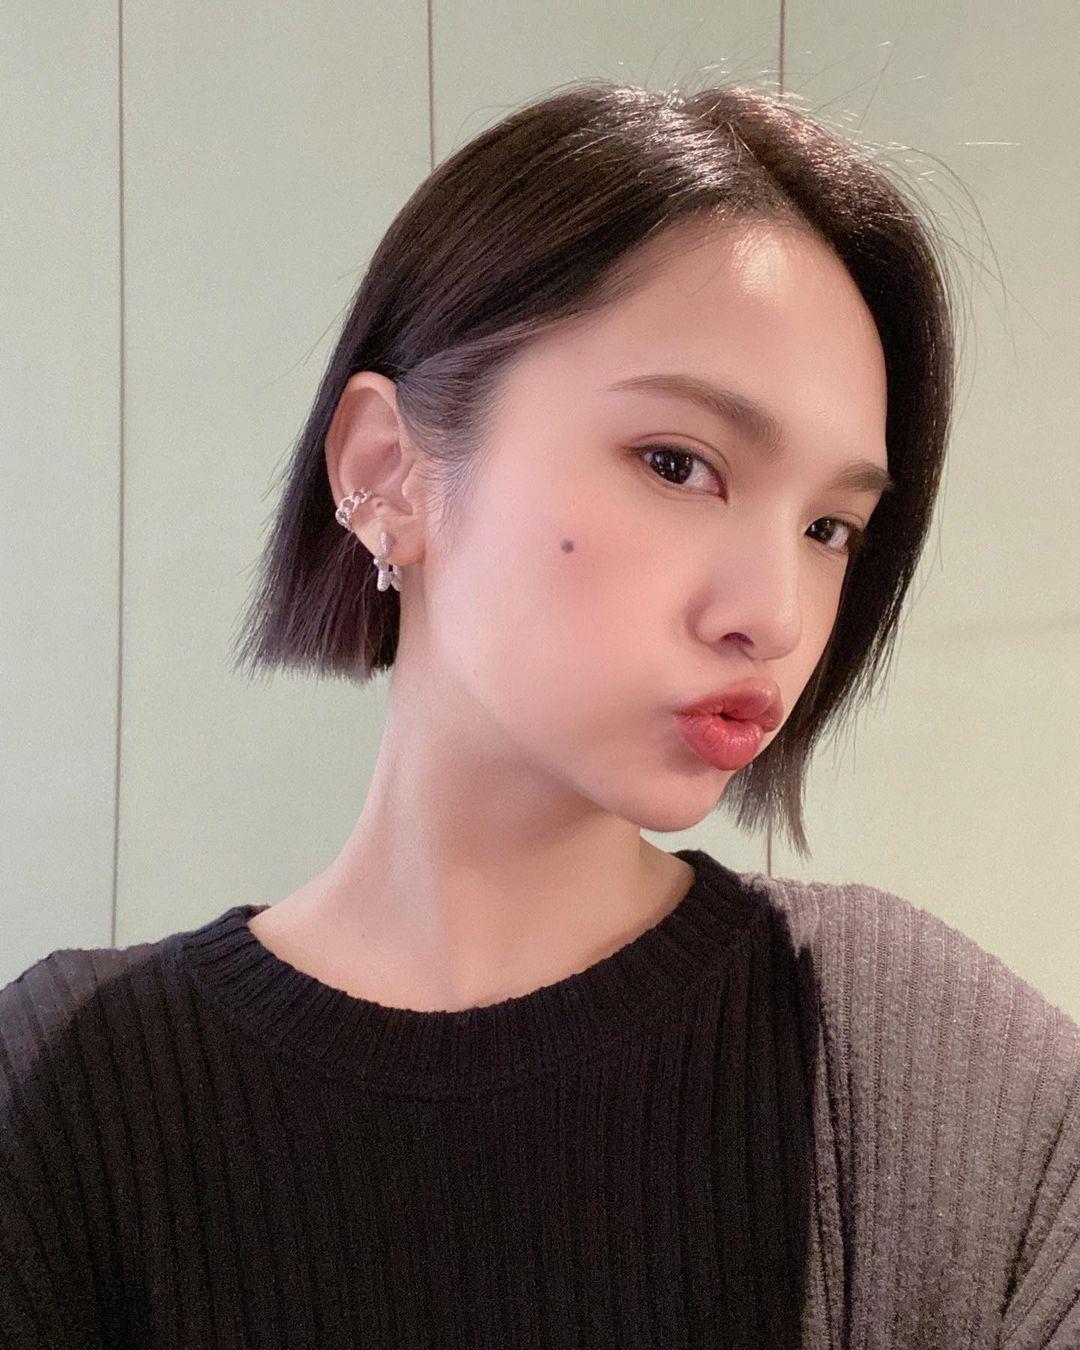 Dương Thừa Lâm debut gần 20 năm rồi mà visual vẫn như gái 20, hoá ra là nhờ 6 bí quyết mà chị em hay bỏ qua - Ảnh 7.